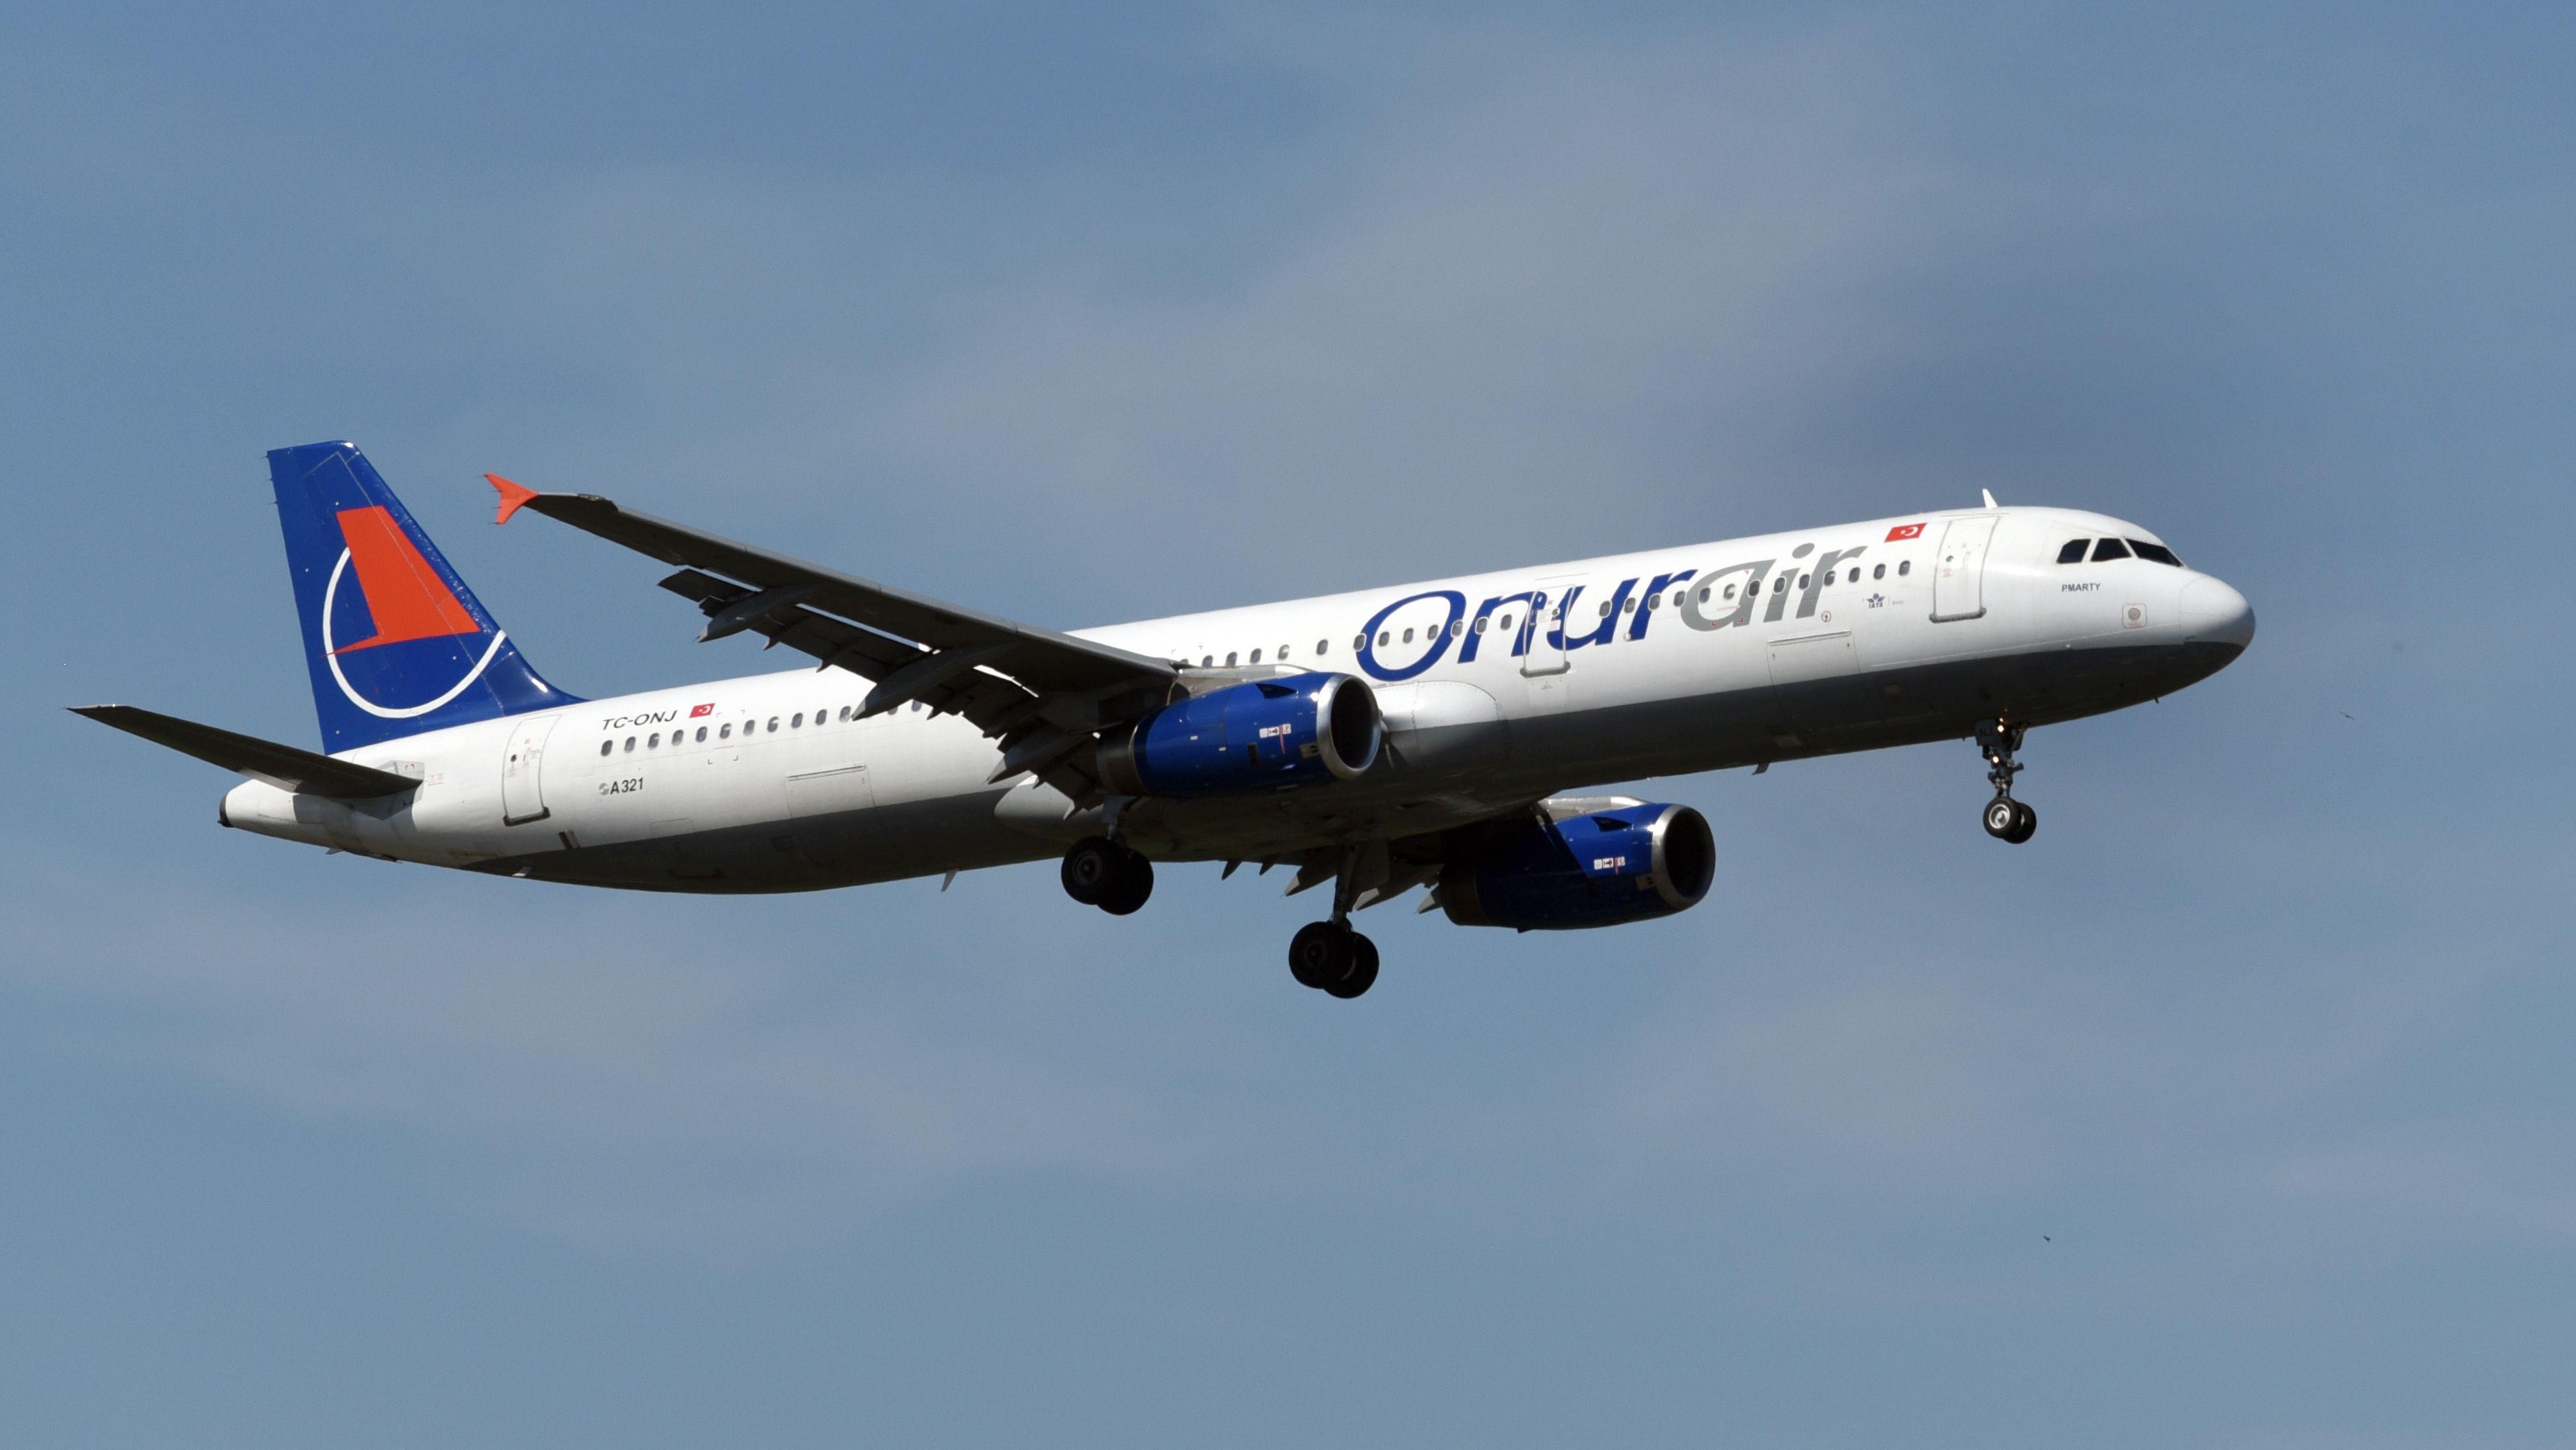 Flugzeug der türkischen Fluggesellschaft Onur Air (Symbolbild)